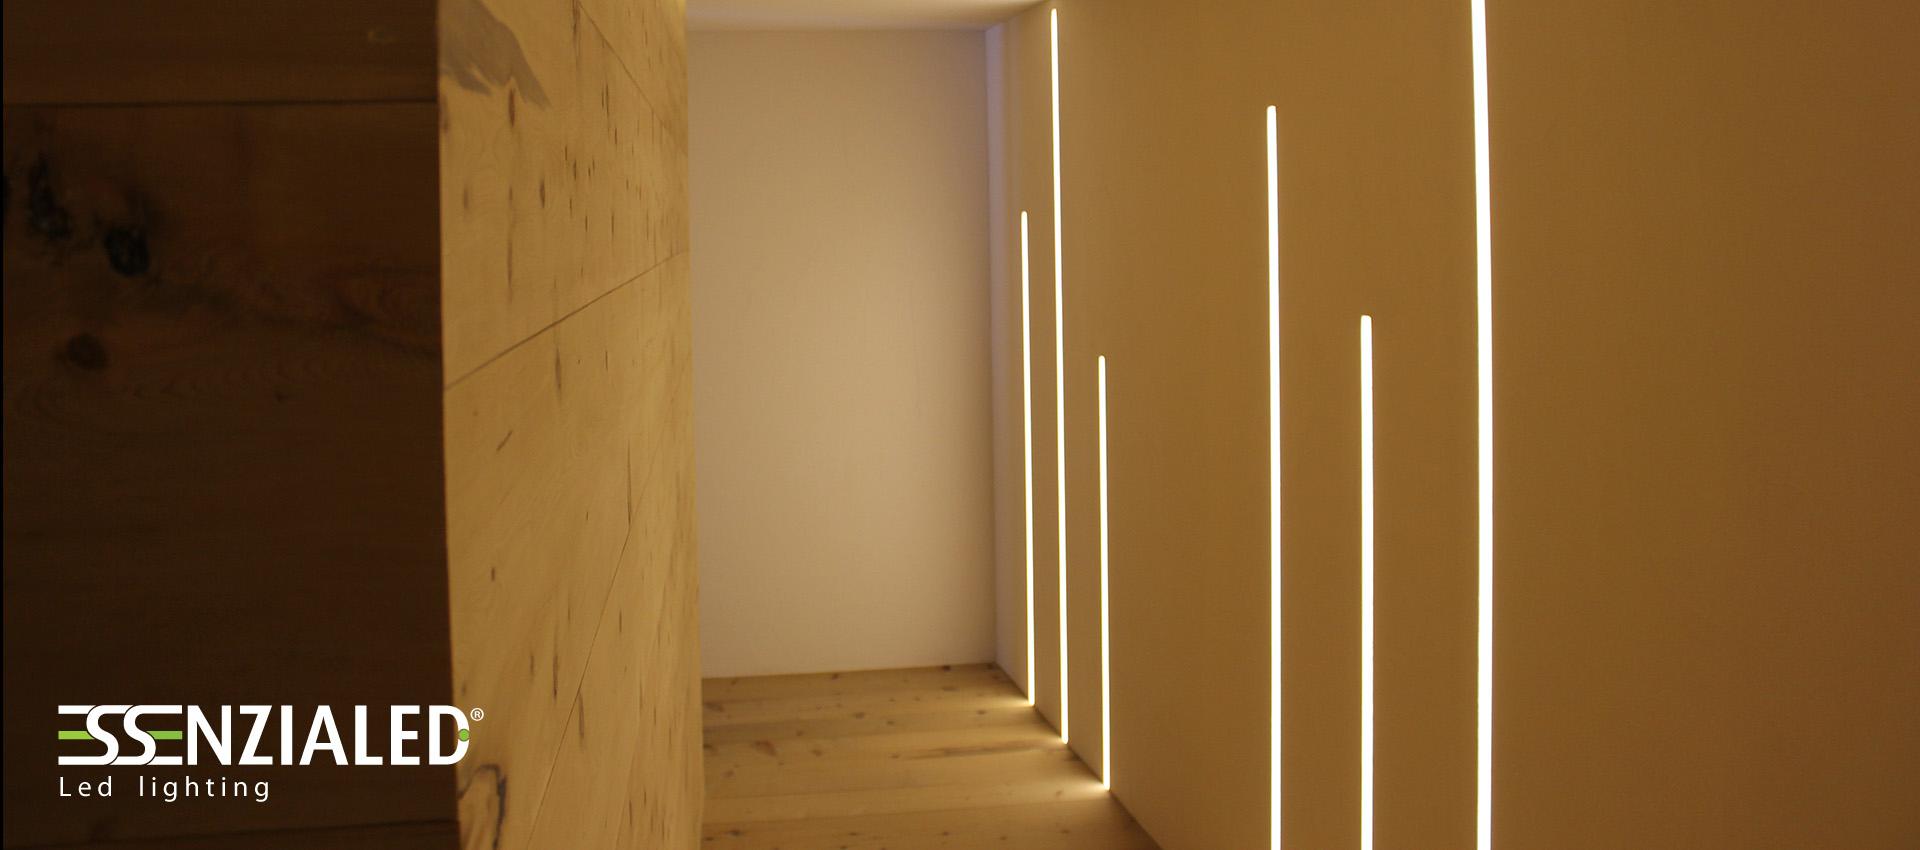 di uniformare l emissione luminosa creando un effetto di luce continua ...